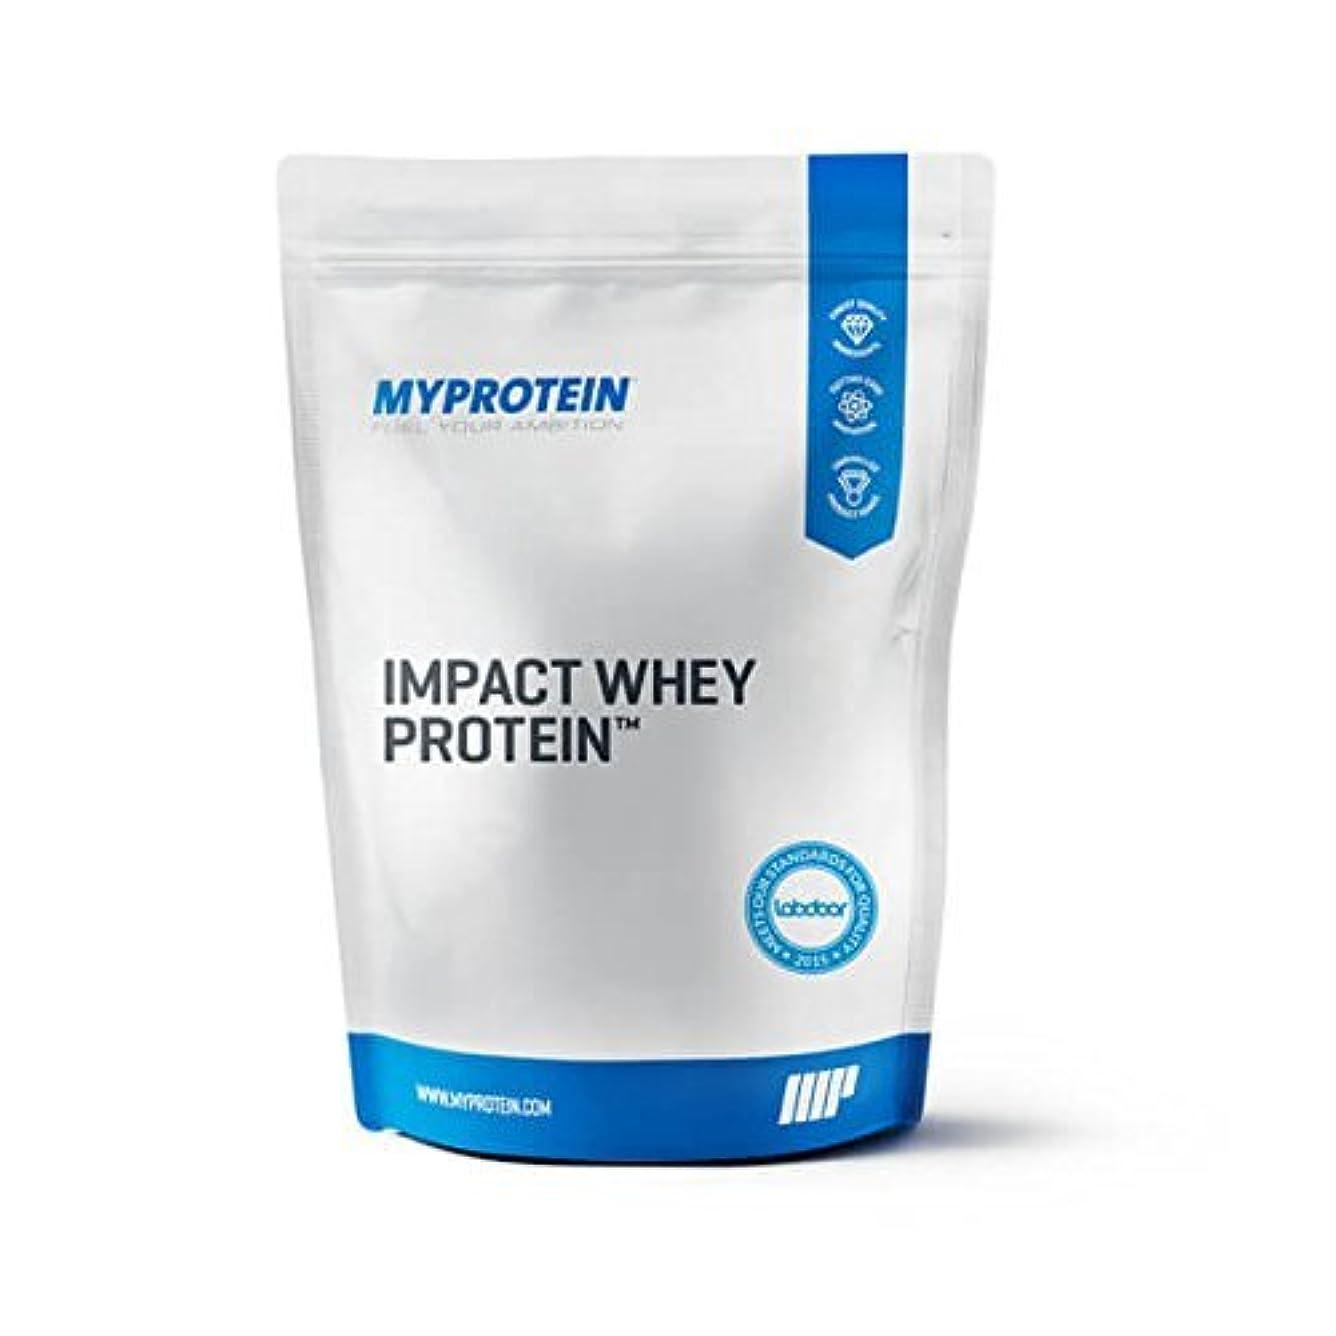 生むキャビン意味MYPROTEIN マイプロテイン IMPACT ホエイプロテイン (チョコミント味、1kg) [並行輸入品]